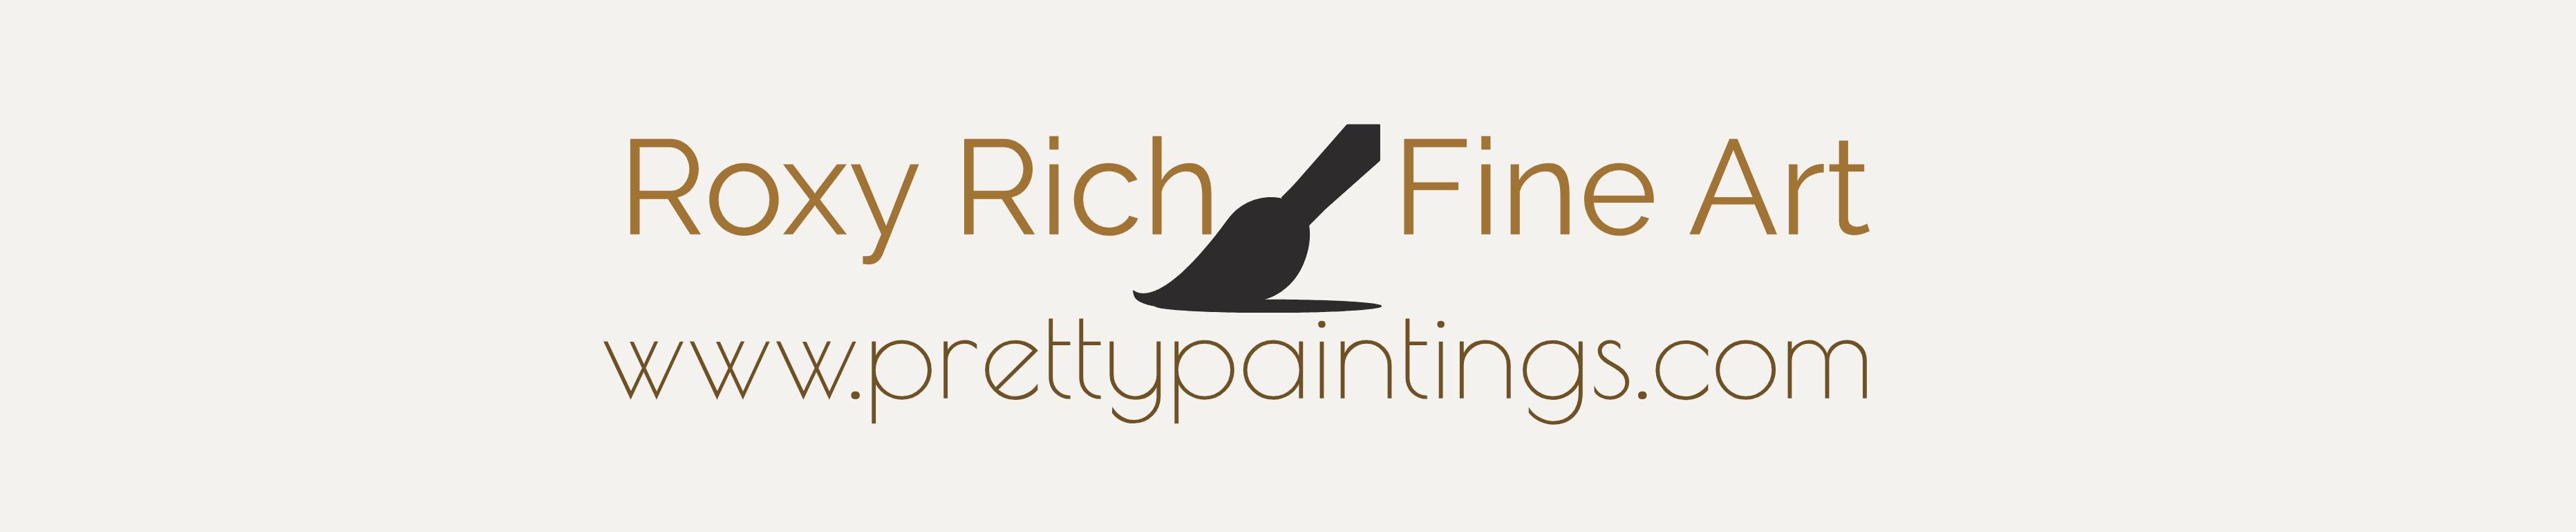 Roxy Rich Fine Art